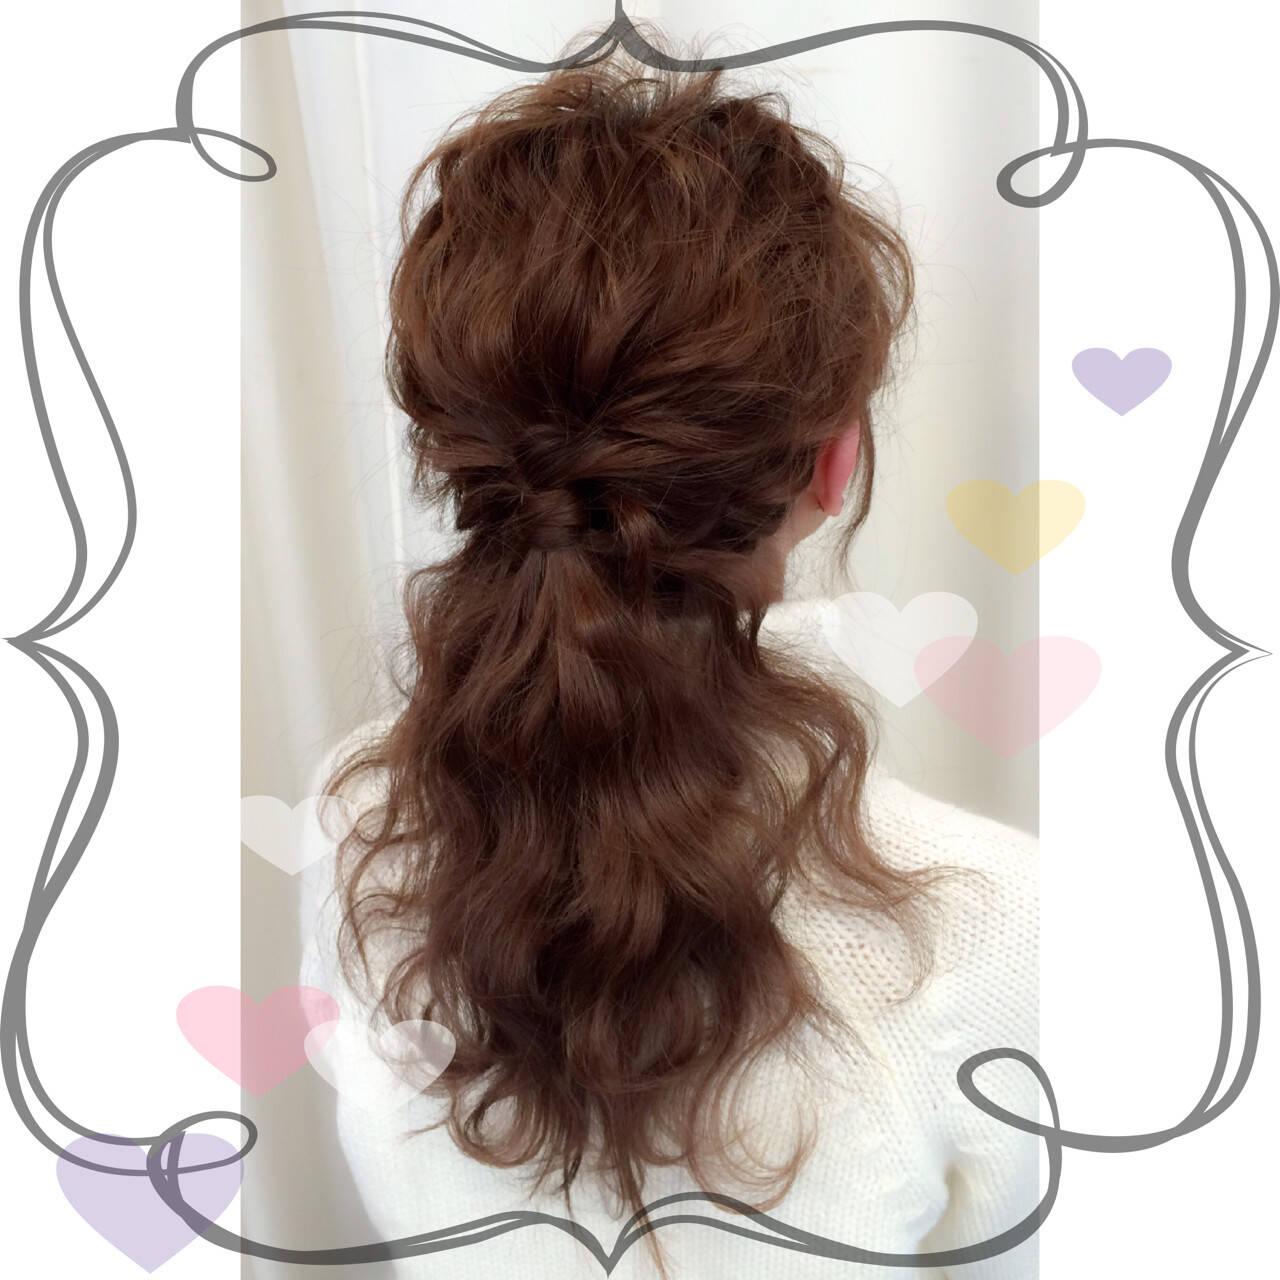 簡単ヘアアレンジ ヘアアレンジ 外国人風 ハーフアップヘアスタイルや髪型の写真・画像